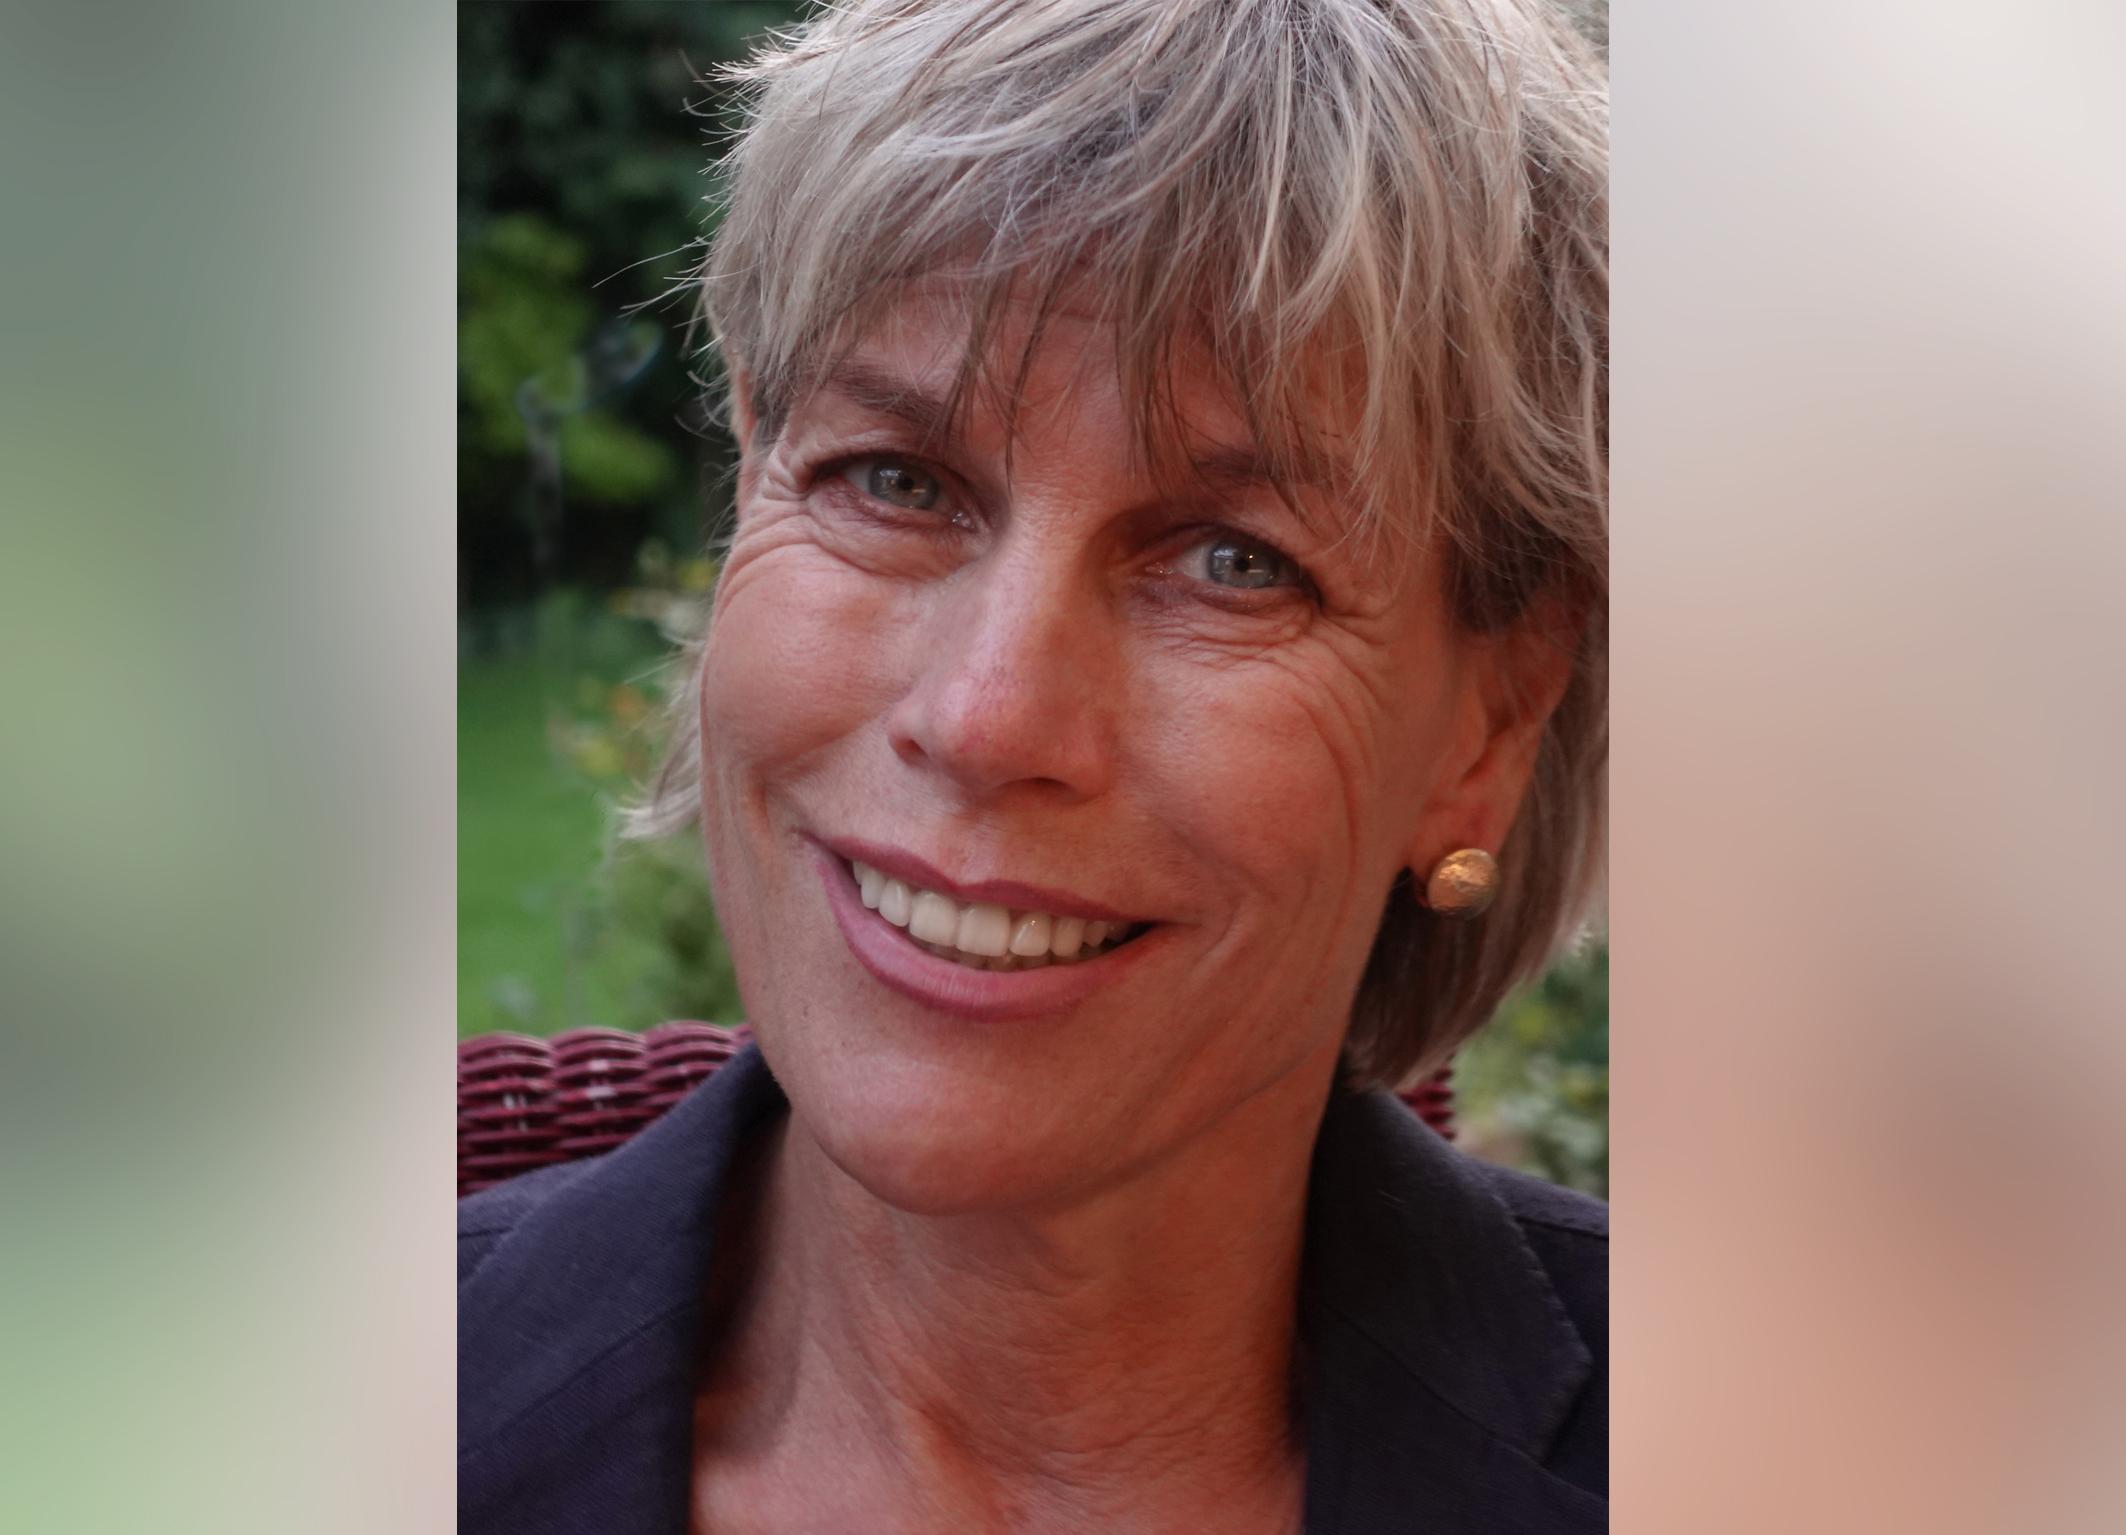 Prof'in Dr. Bettina Schöne-Seifert gilt als Pionierin moderner Medizinethik. Foto: privat